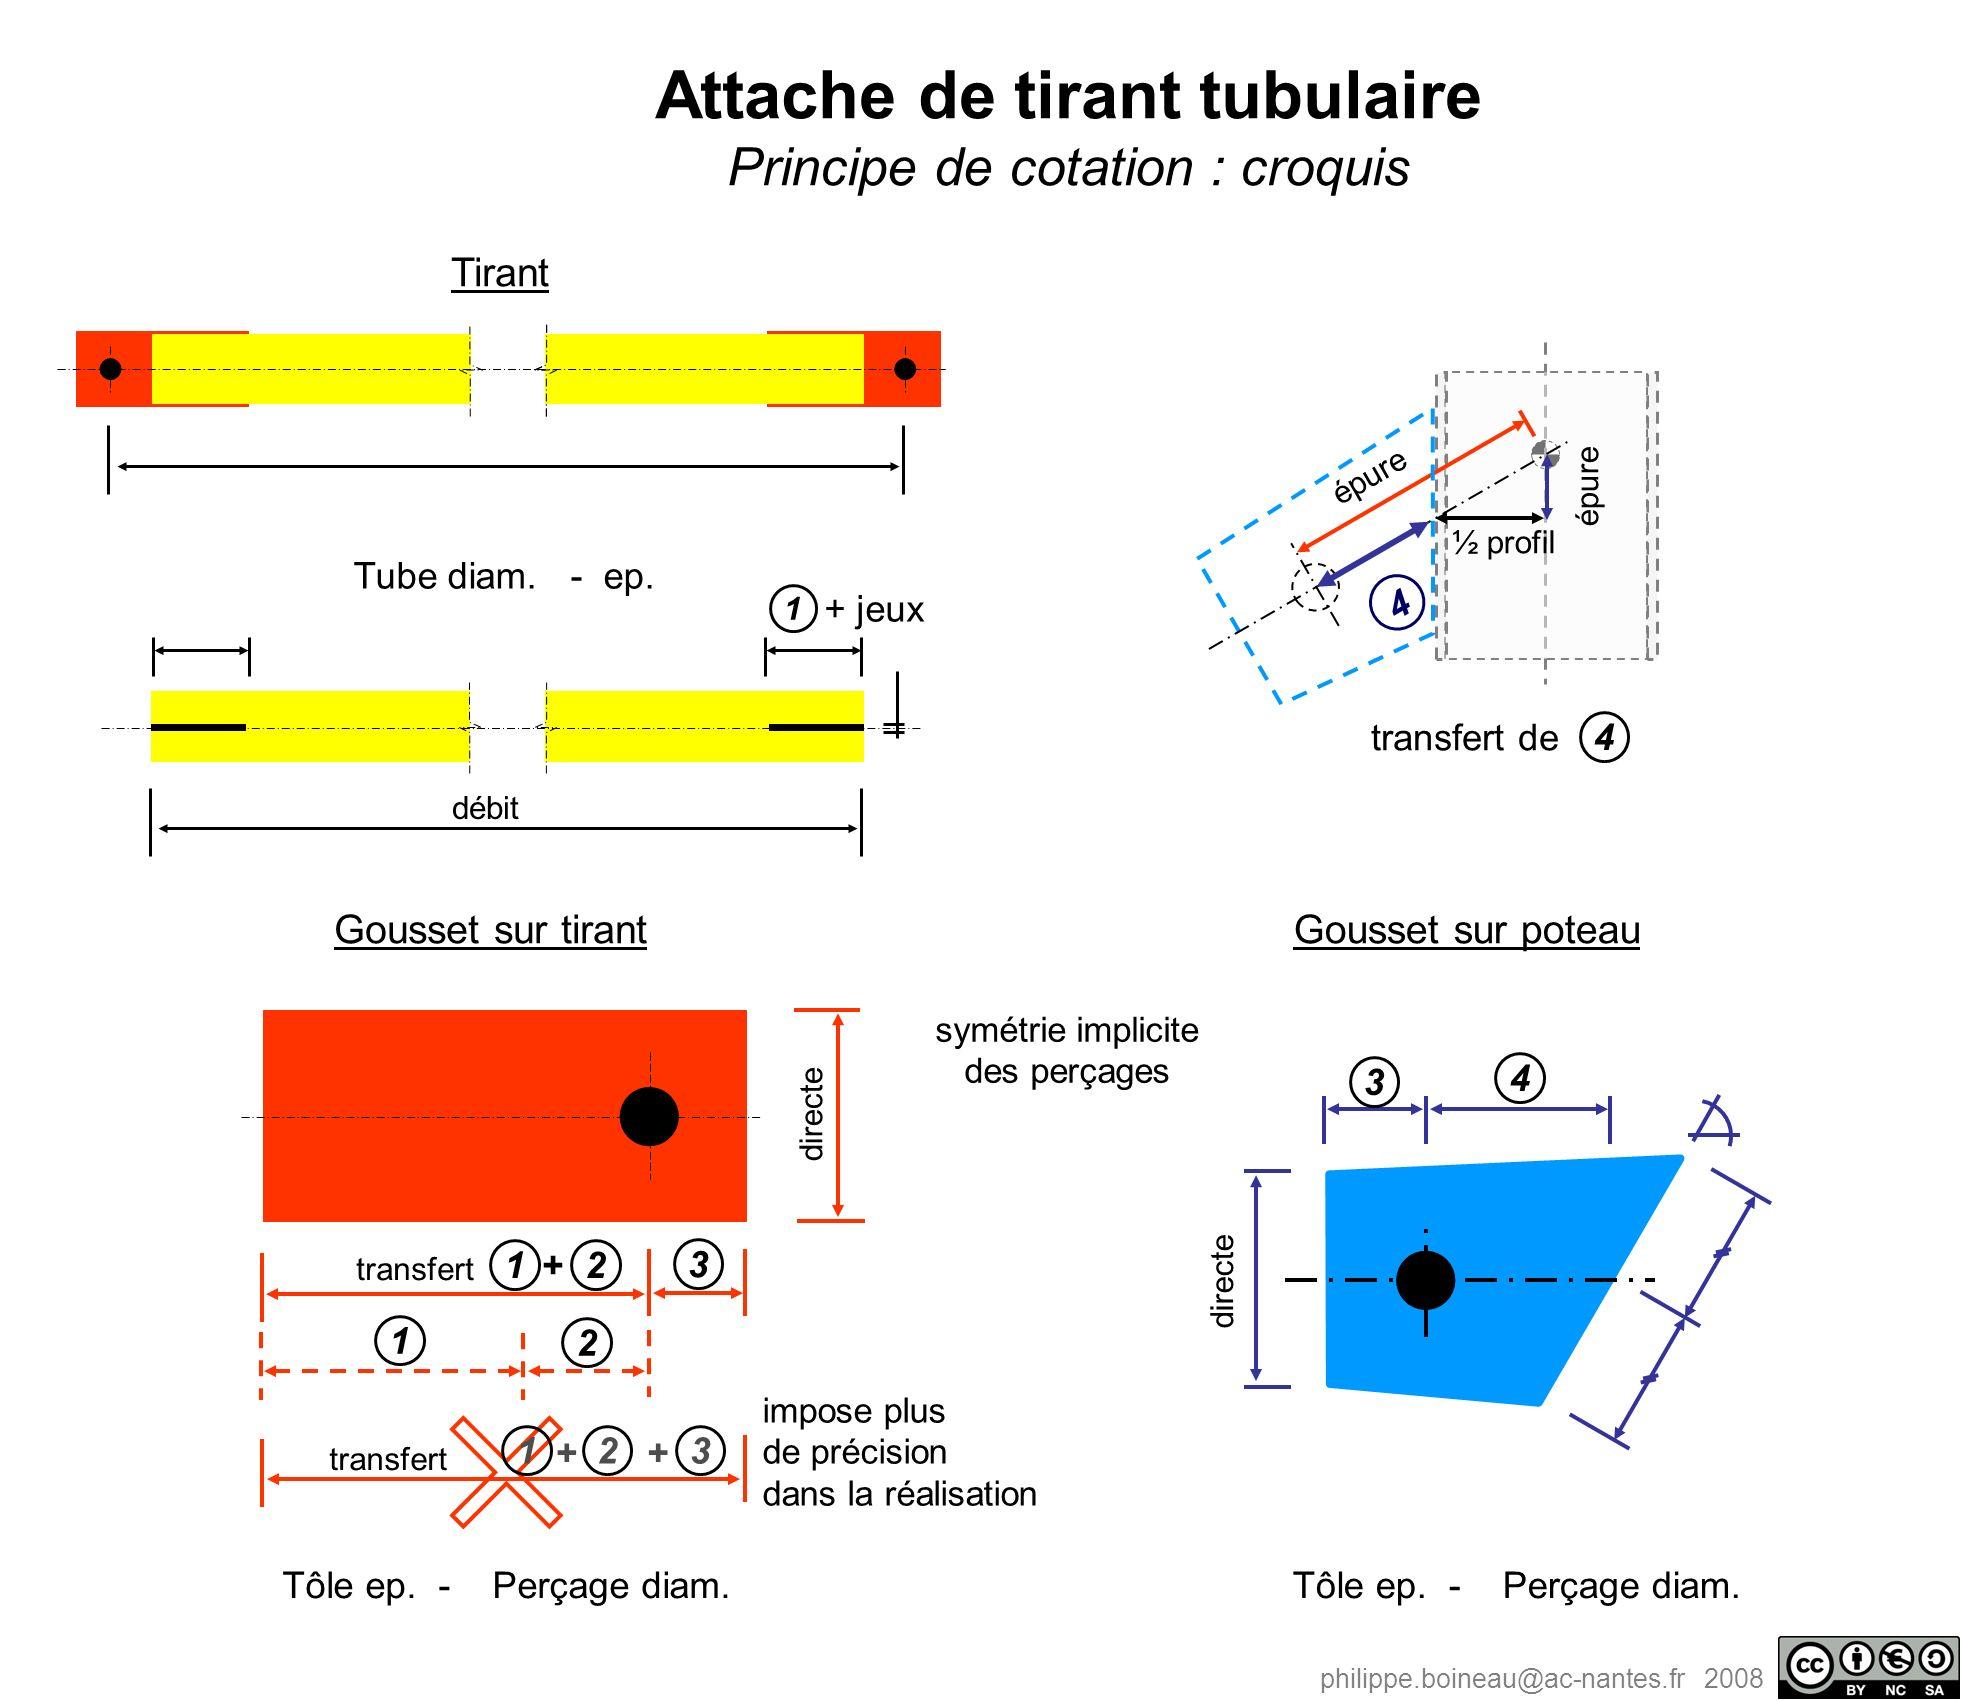 philippe.boineau@ac-nantes.fr 2008 Attache de tirant tubulaire Principe de cotation : croquis directe 3 1 2 transfert 12 + 12 ++ 3 impose plus de préc